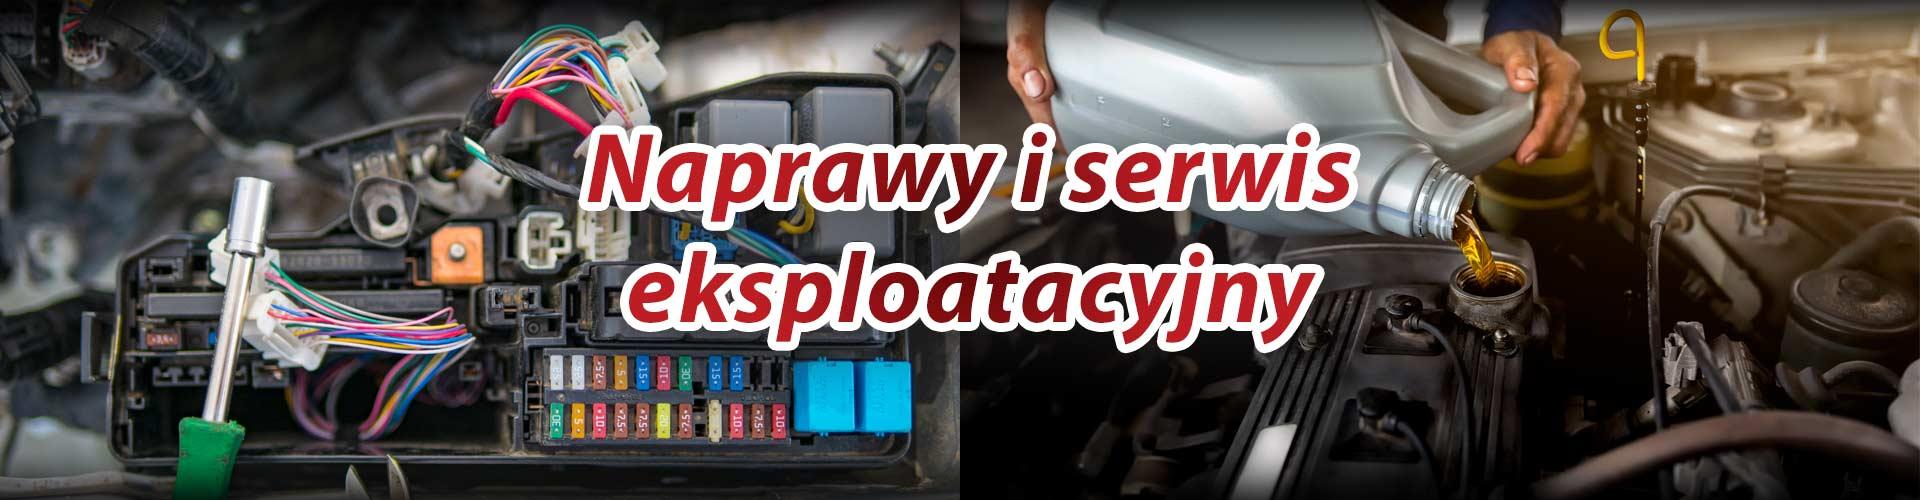 <p>elektryk samochodowy, blacharsko-lakiernicze</p>